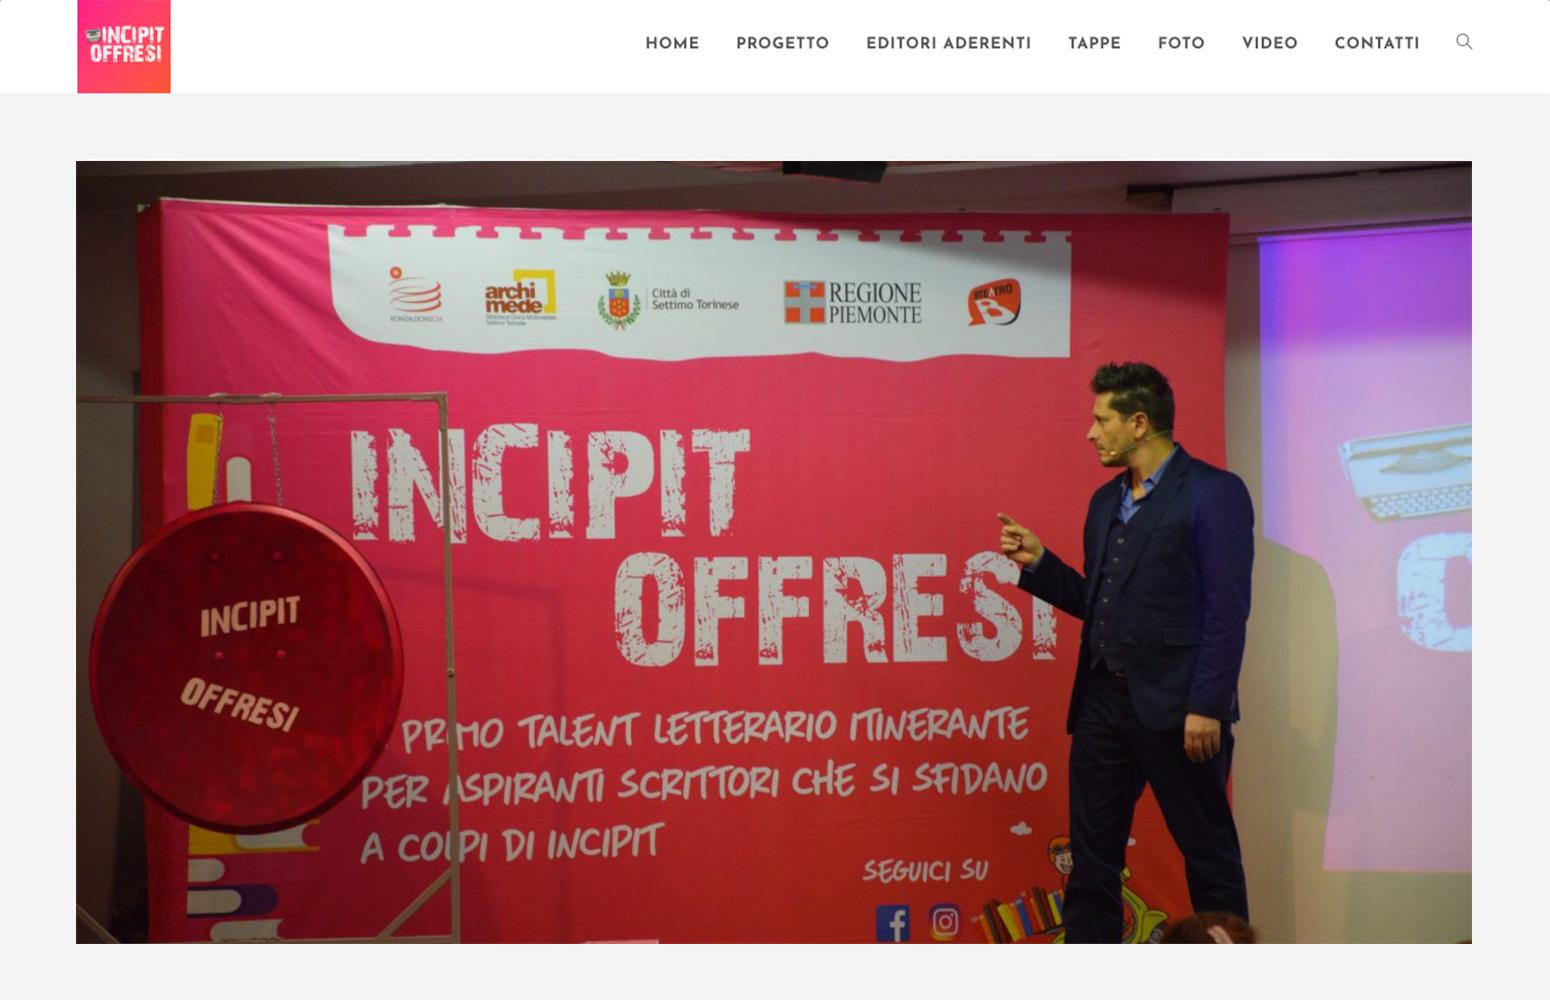 Incipit Offresi, Fondazione ECM e Biblioteca Archimede Settimo Torinese, Progetto e Realizzazione Sito Web, Wordpress